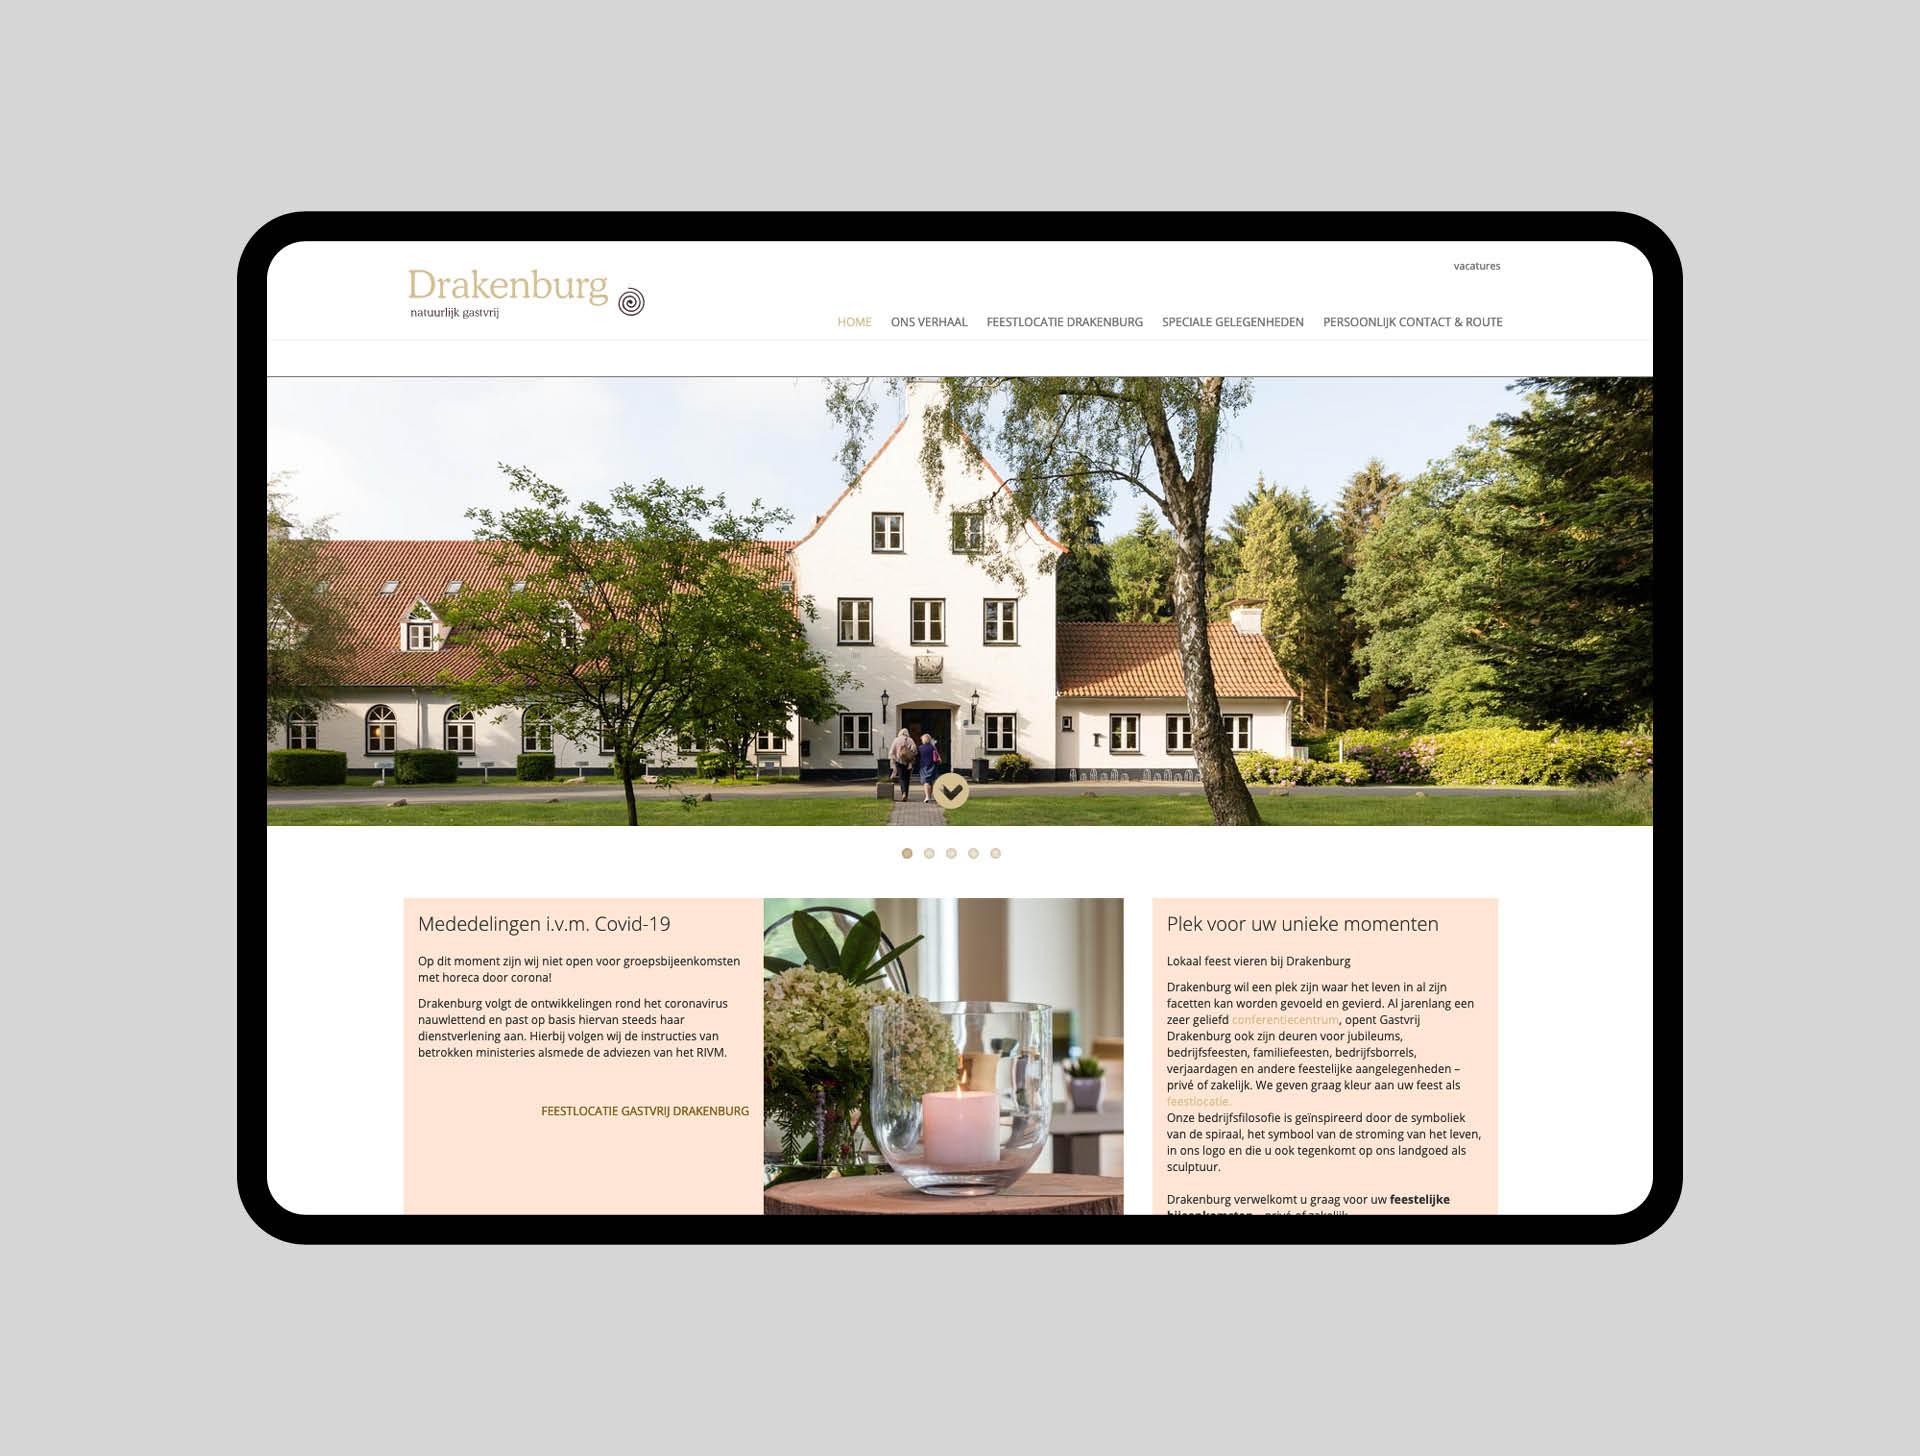 Drakenburg - website